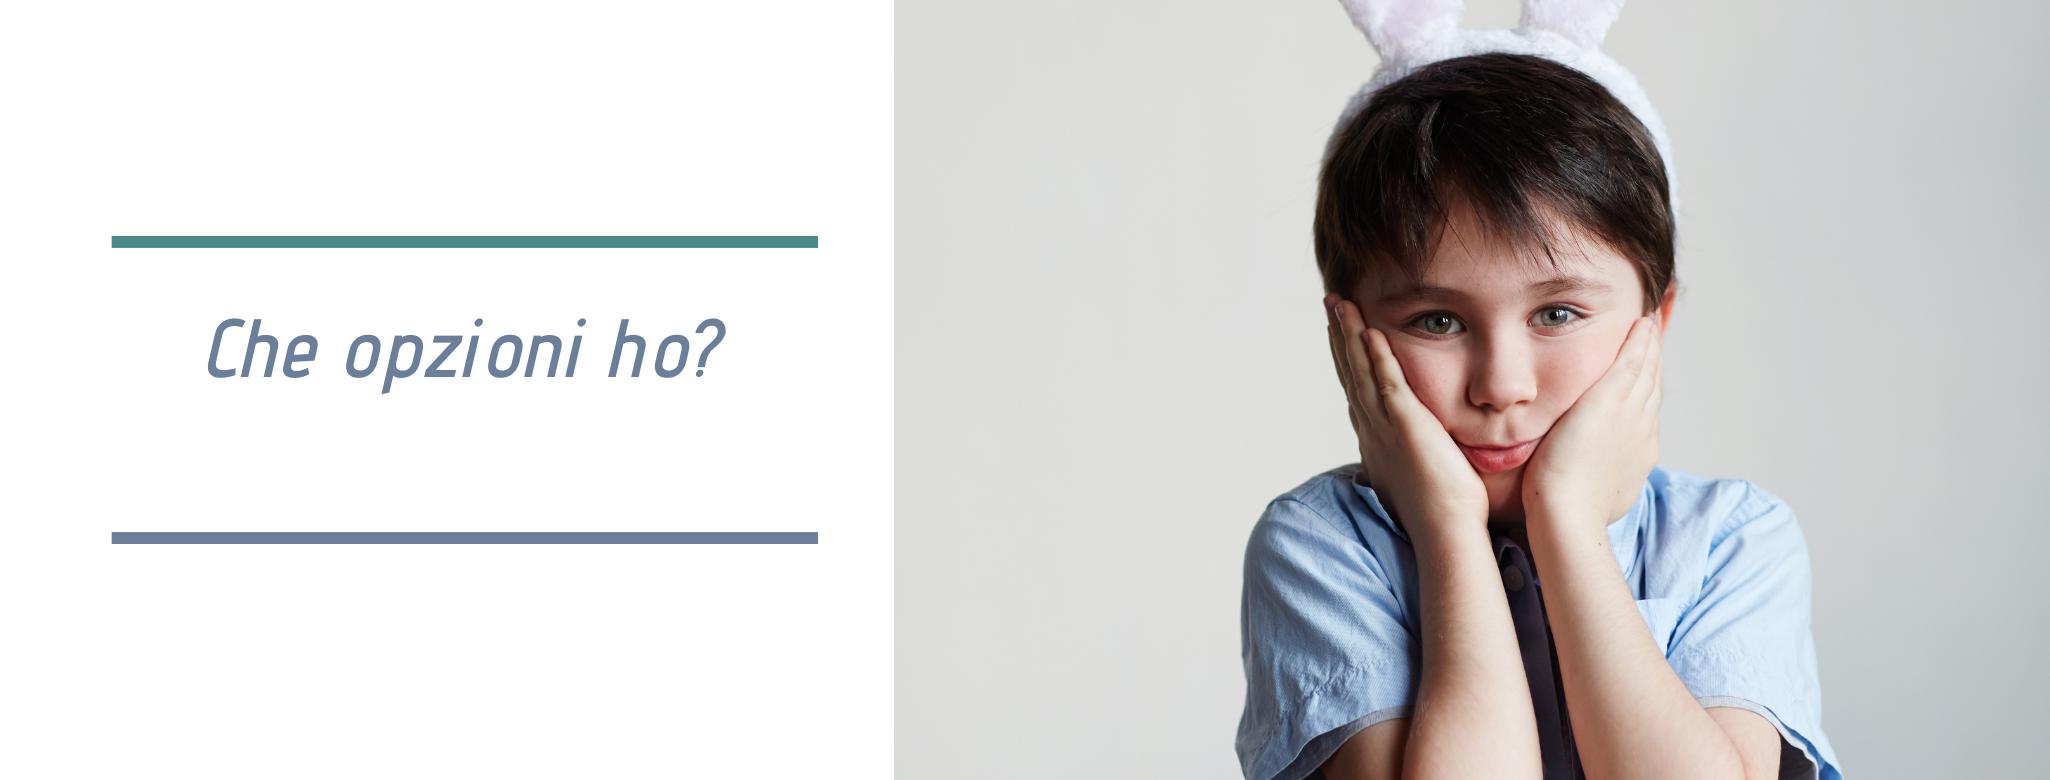 Foto di bambino che si tiene il viso con due mani, scritta: che opzioni ho?